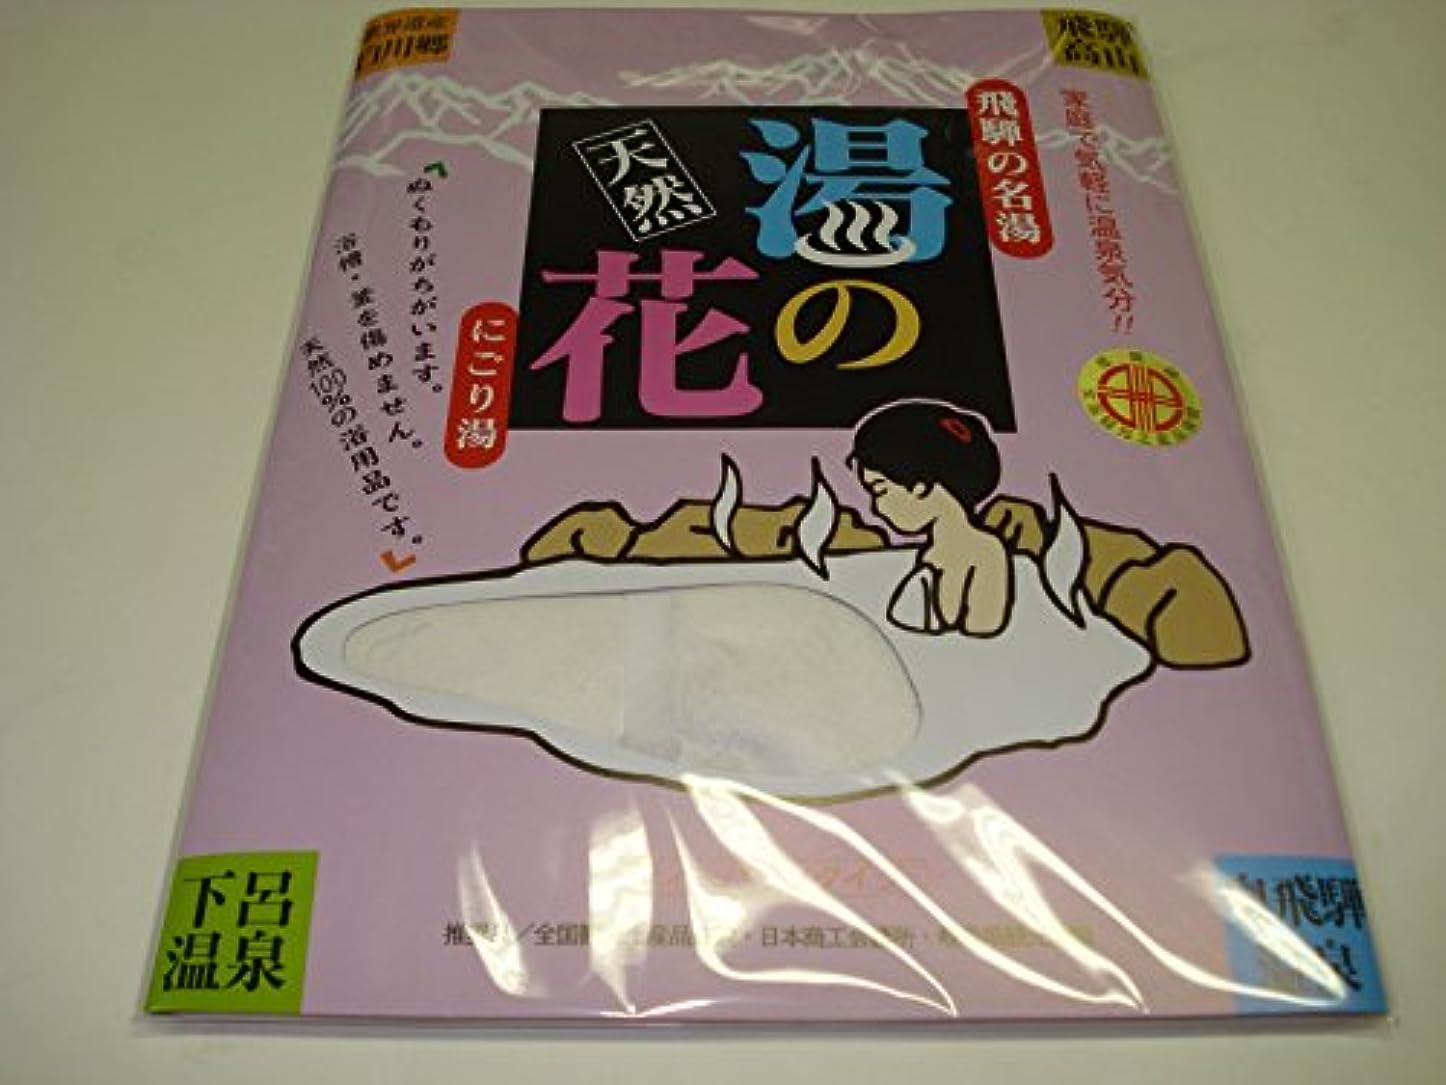 配る計器野菜飛騨の名湯「天然湯の花」にごり湯 ティーパックタイプ(15g×10包)